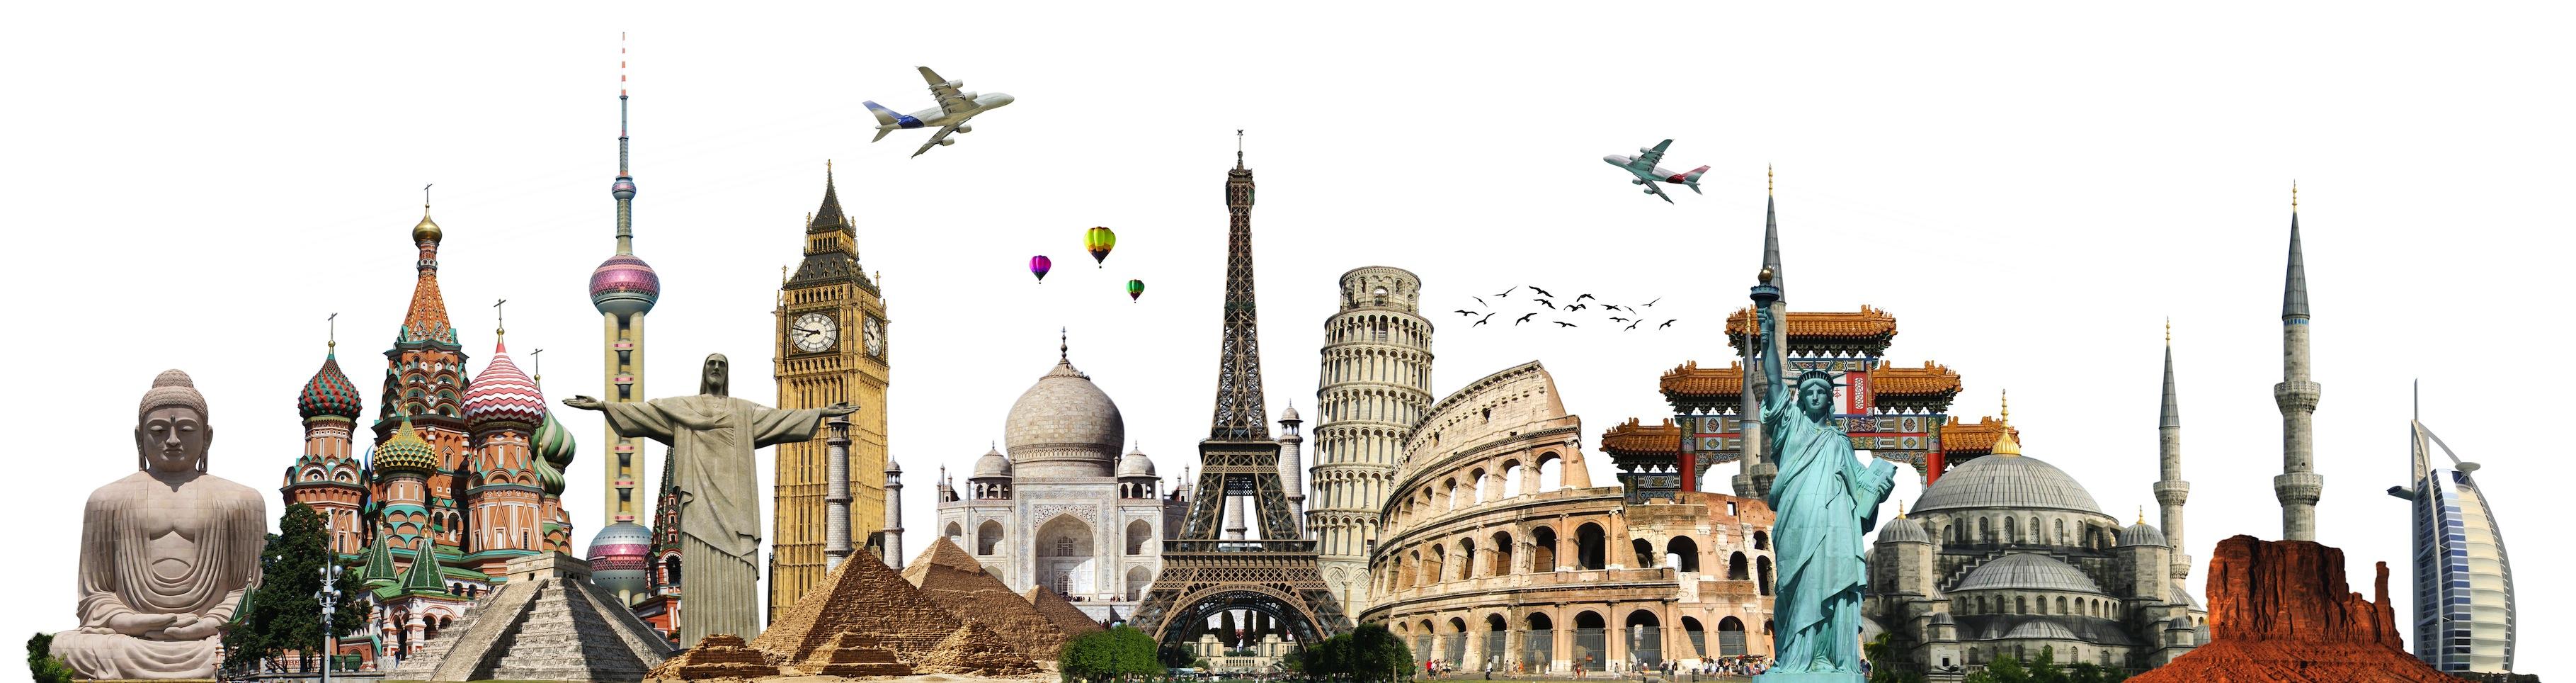 Ma liste de voyage papiers peints photo 3D